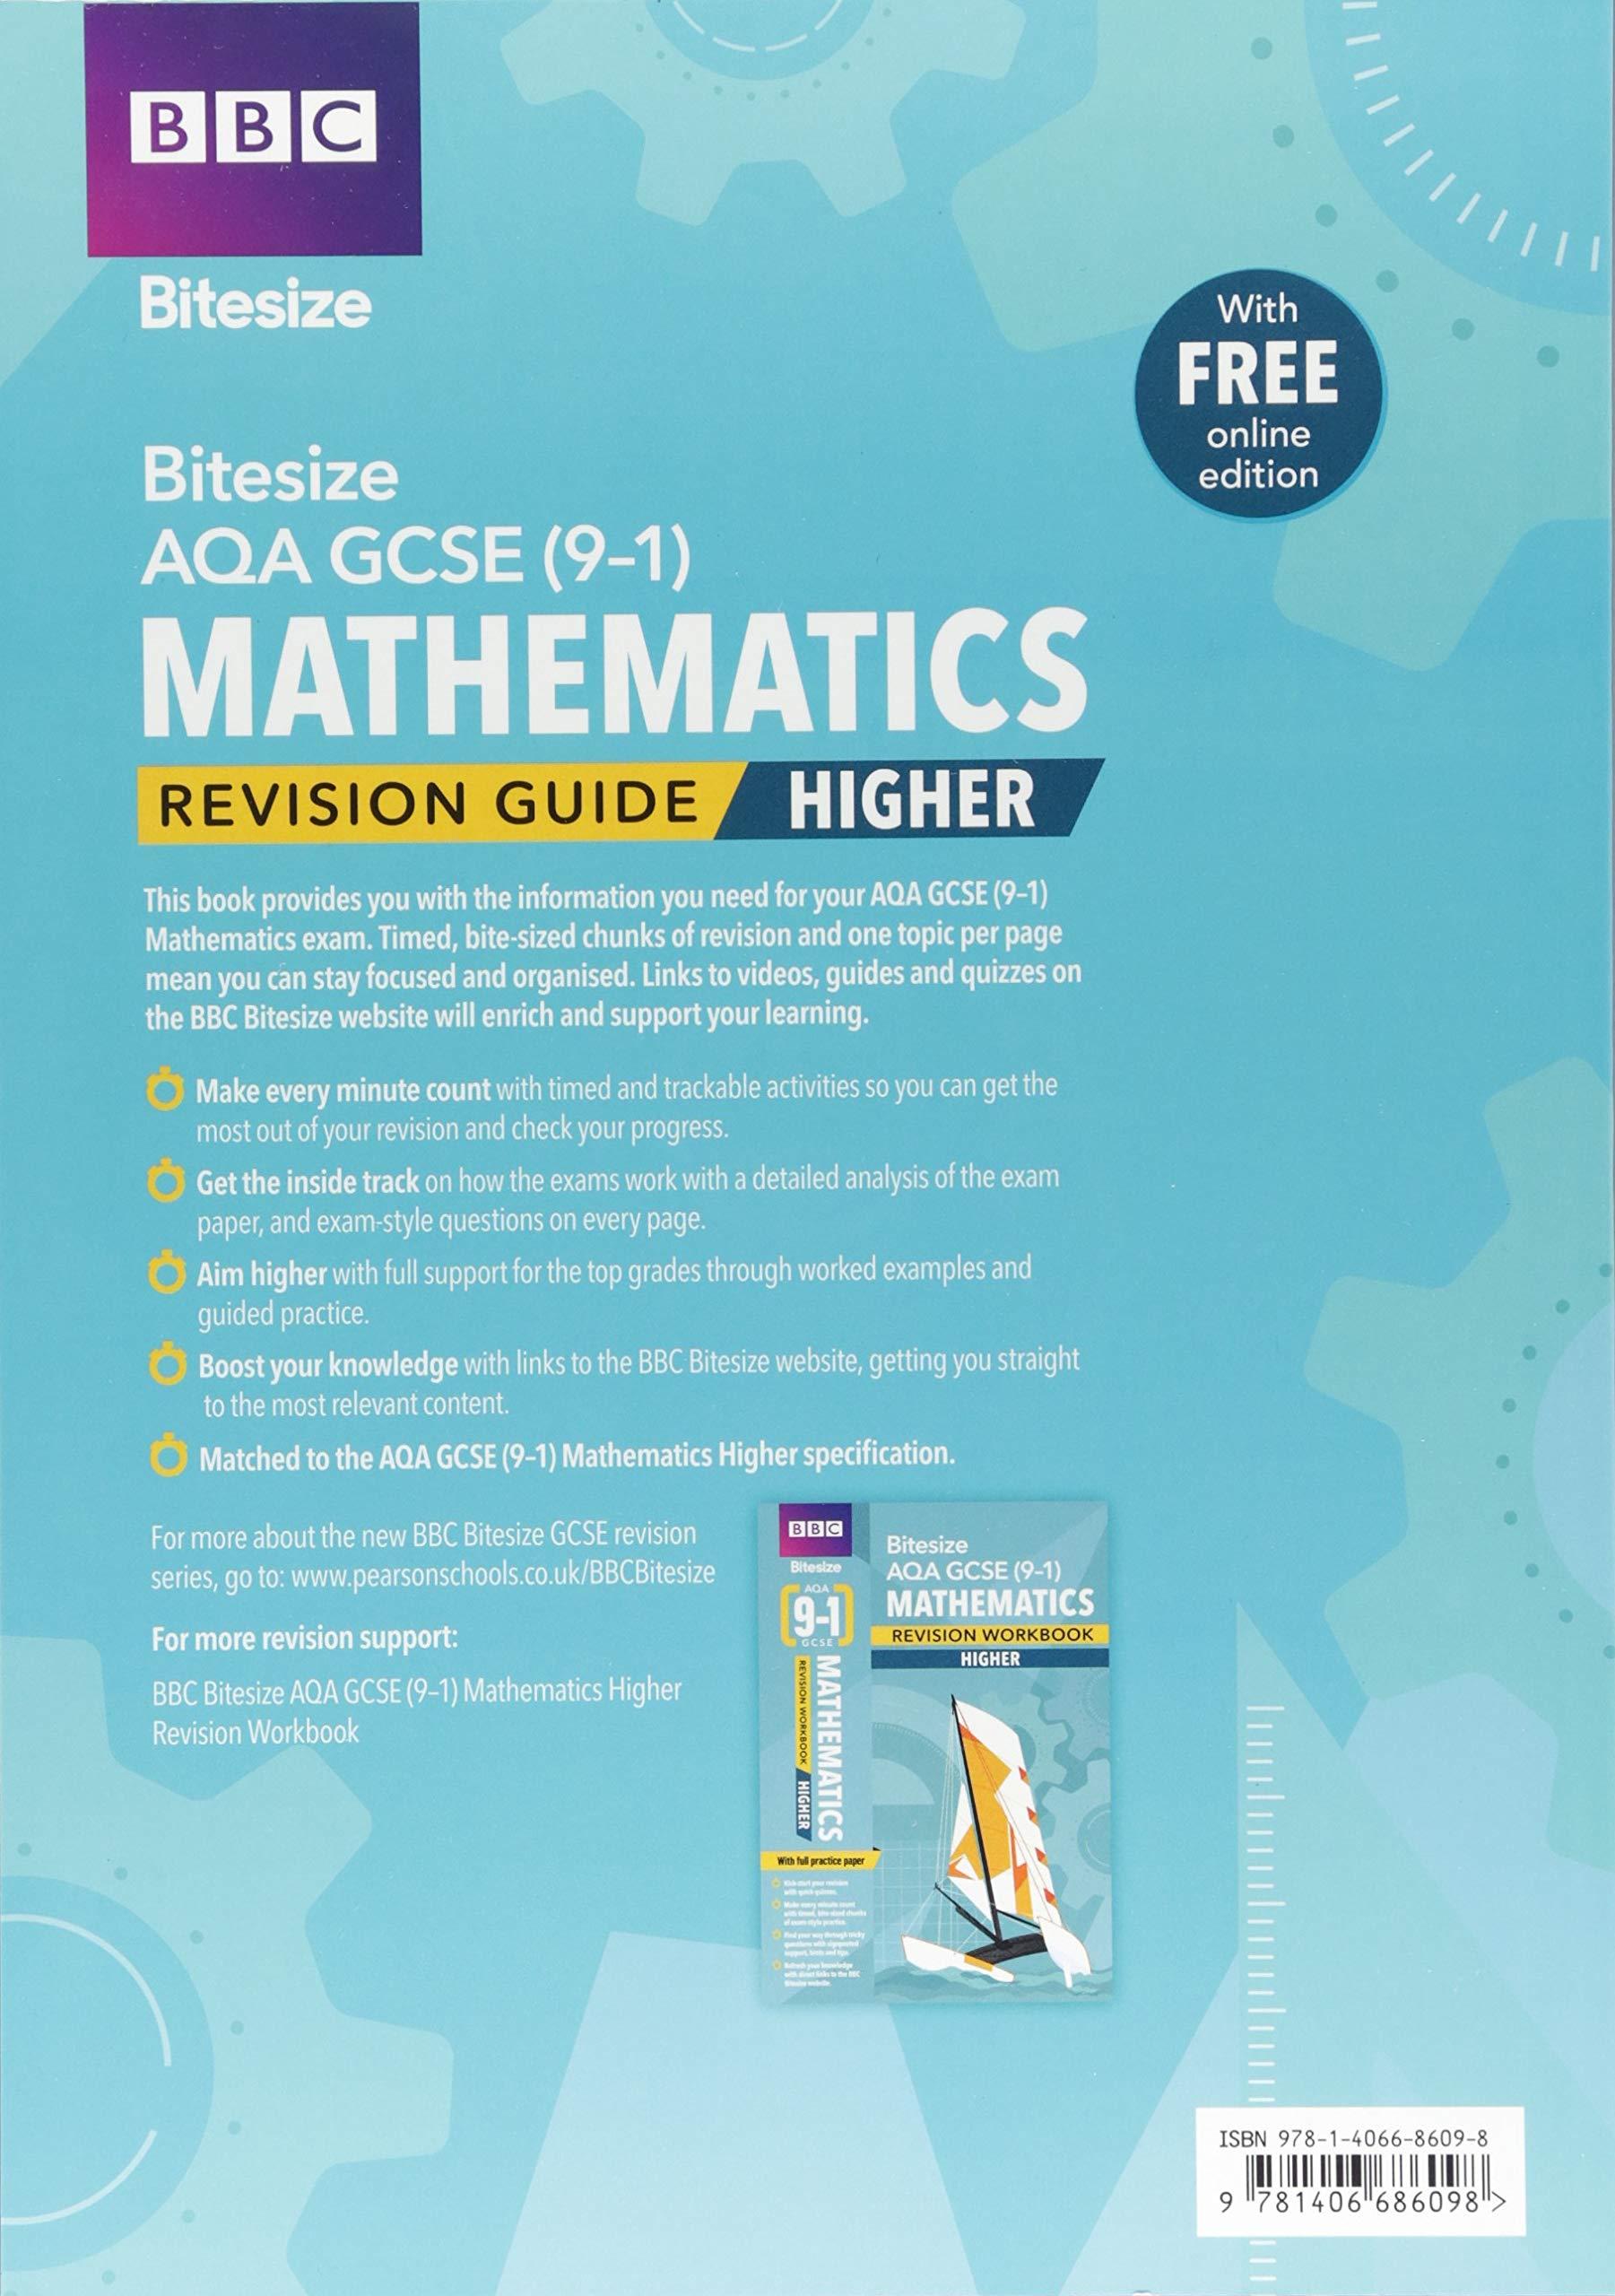 Bbc Bitesize Aqa Gcse 9 1 Maths Higher Revision Guide Bbc Bitesize Gcse 2017 Amazon Co Uk 9781406686098 Books